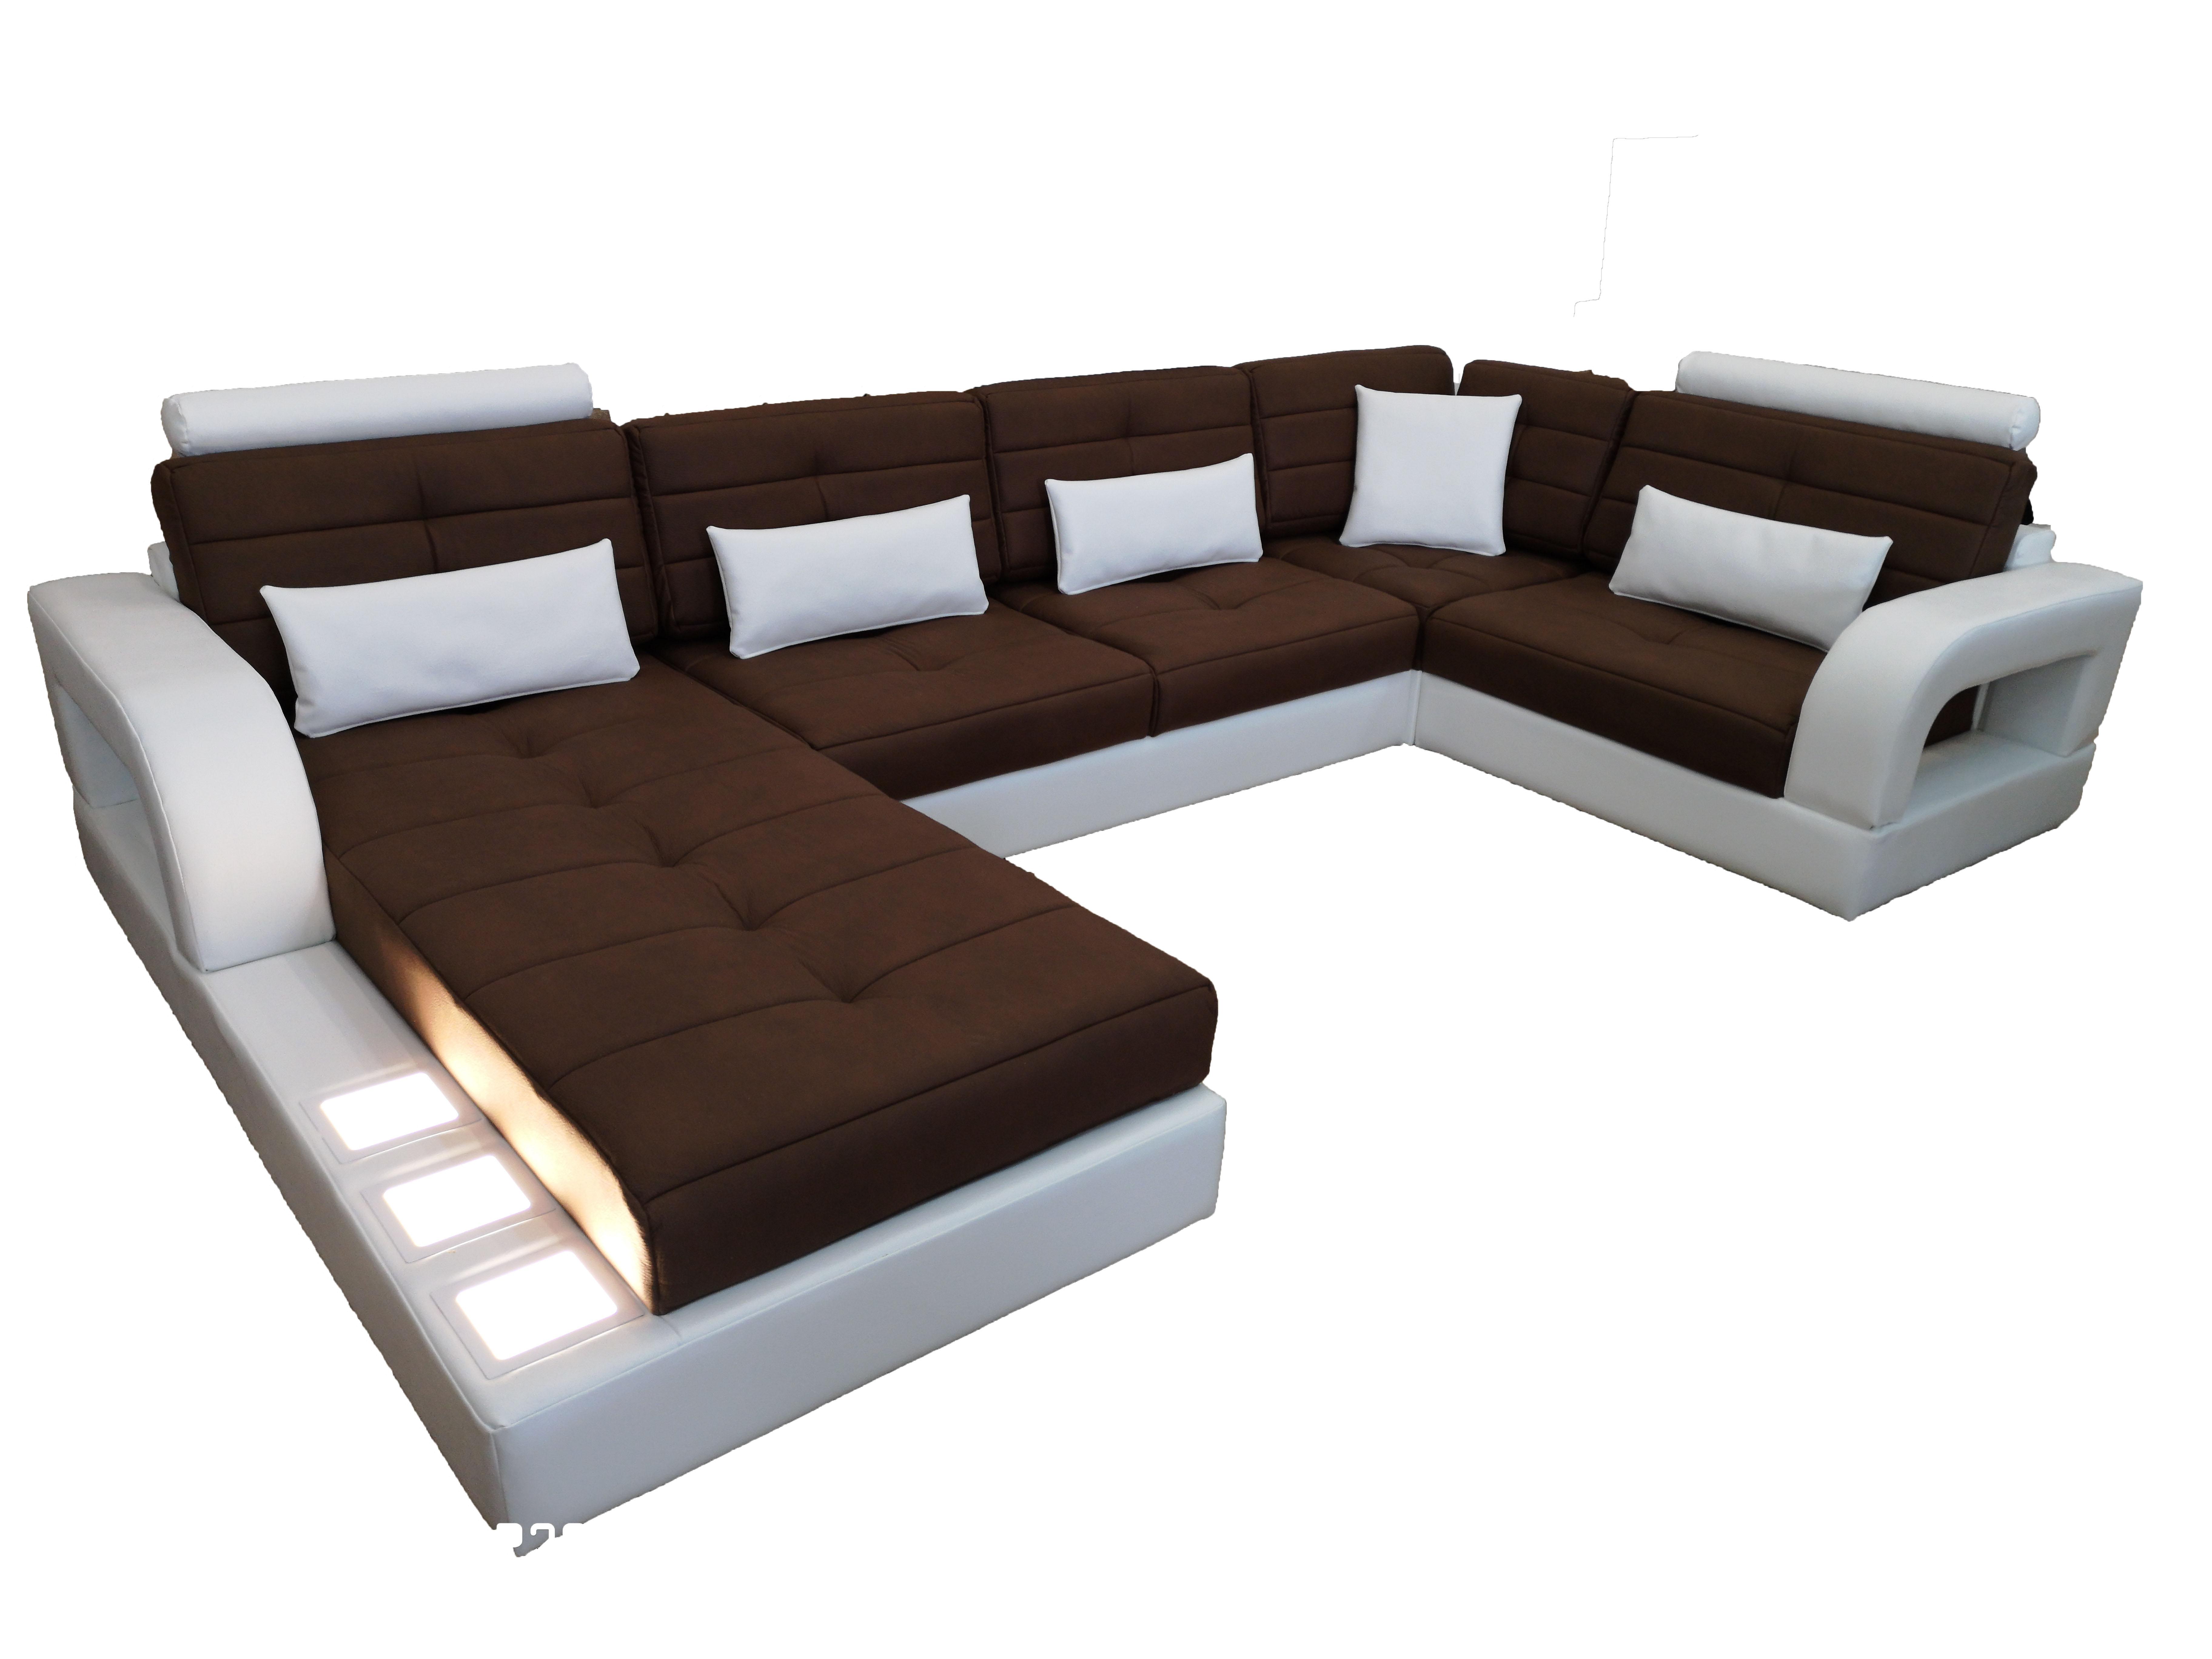 снимка на Луксозен ъглов диван с лежанка и италиански дунапрен цена